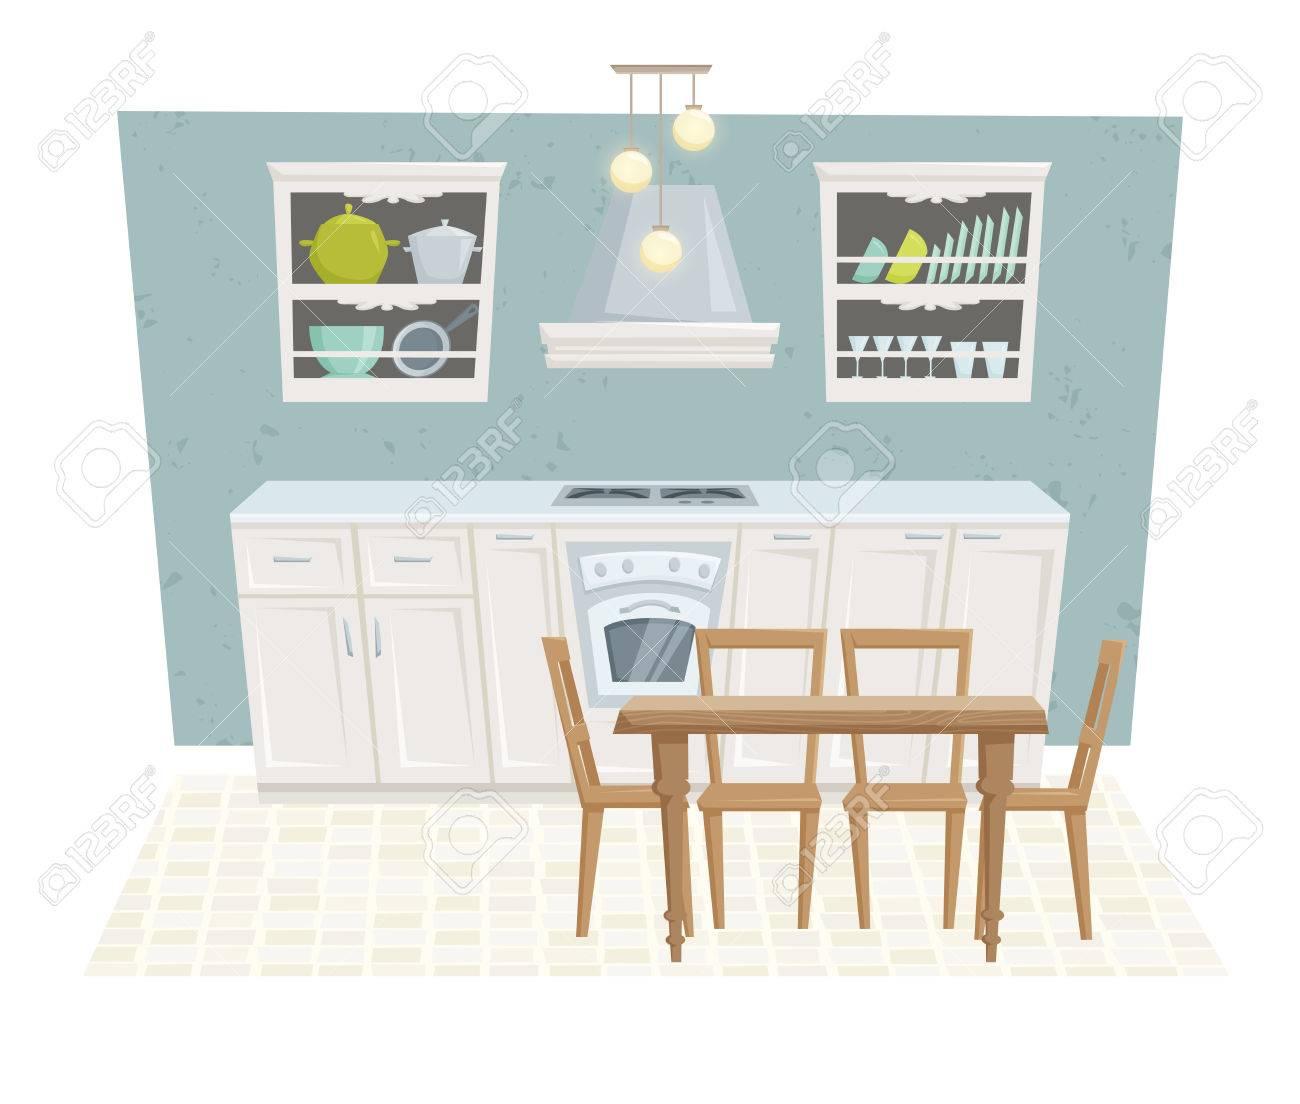 Interior de la cocina con muebles y la decoración en estilo moderno.  Interior de la cocina ilustración vectorial de dibujos animados. Muebles de  ...